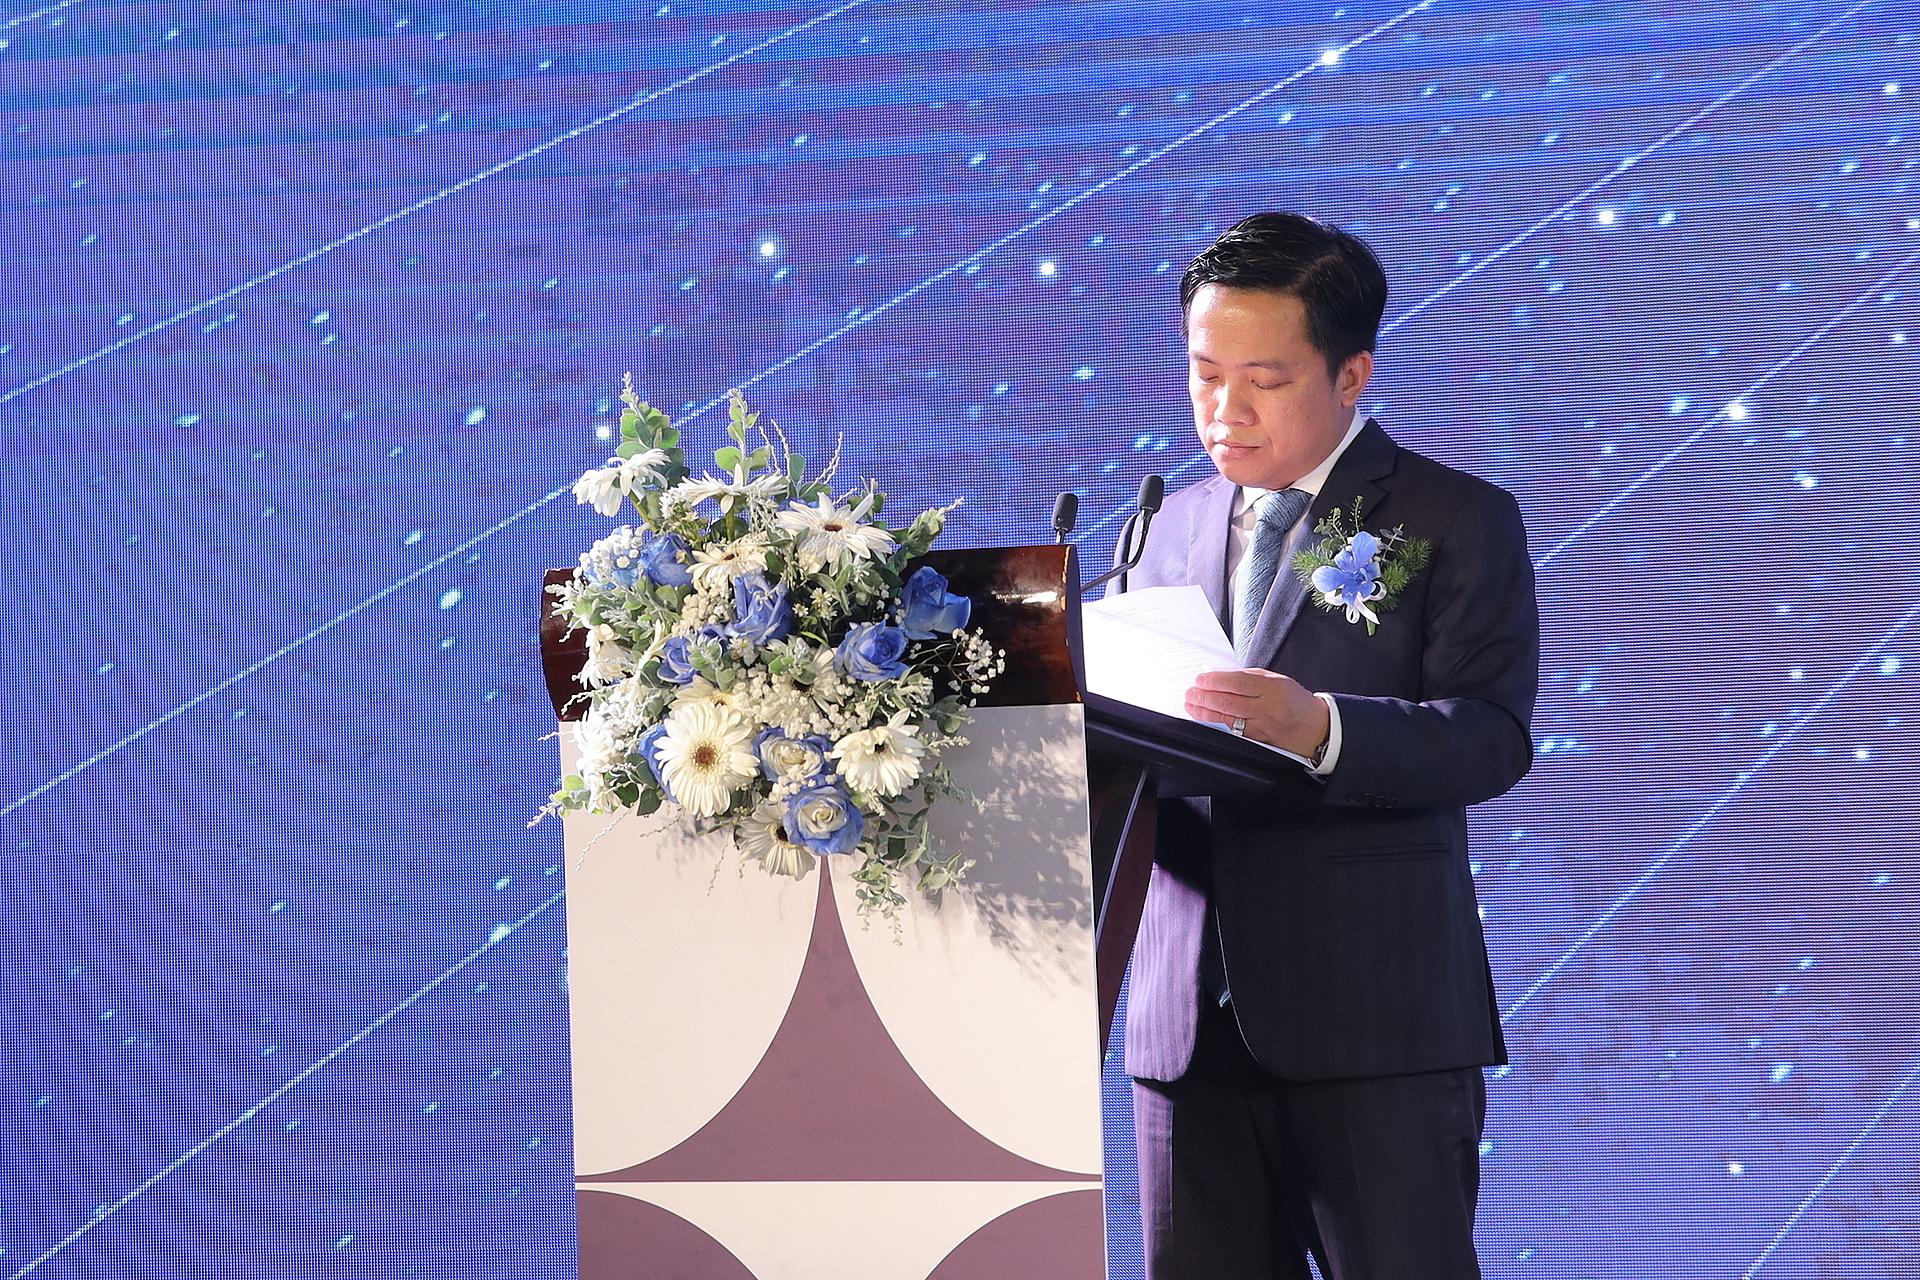 Ông Lê Minh Tâm phát biểu trong buổi lễ ký kết đối tác chiến lược của dự án Vega City Nha Trang. Ảnh: Vega City.